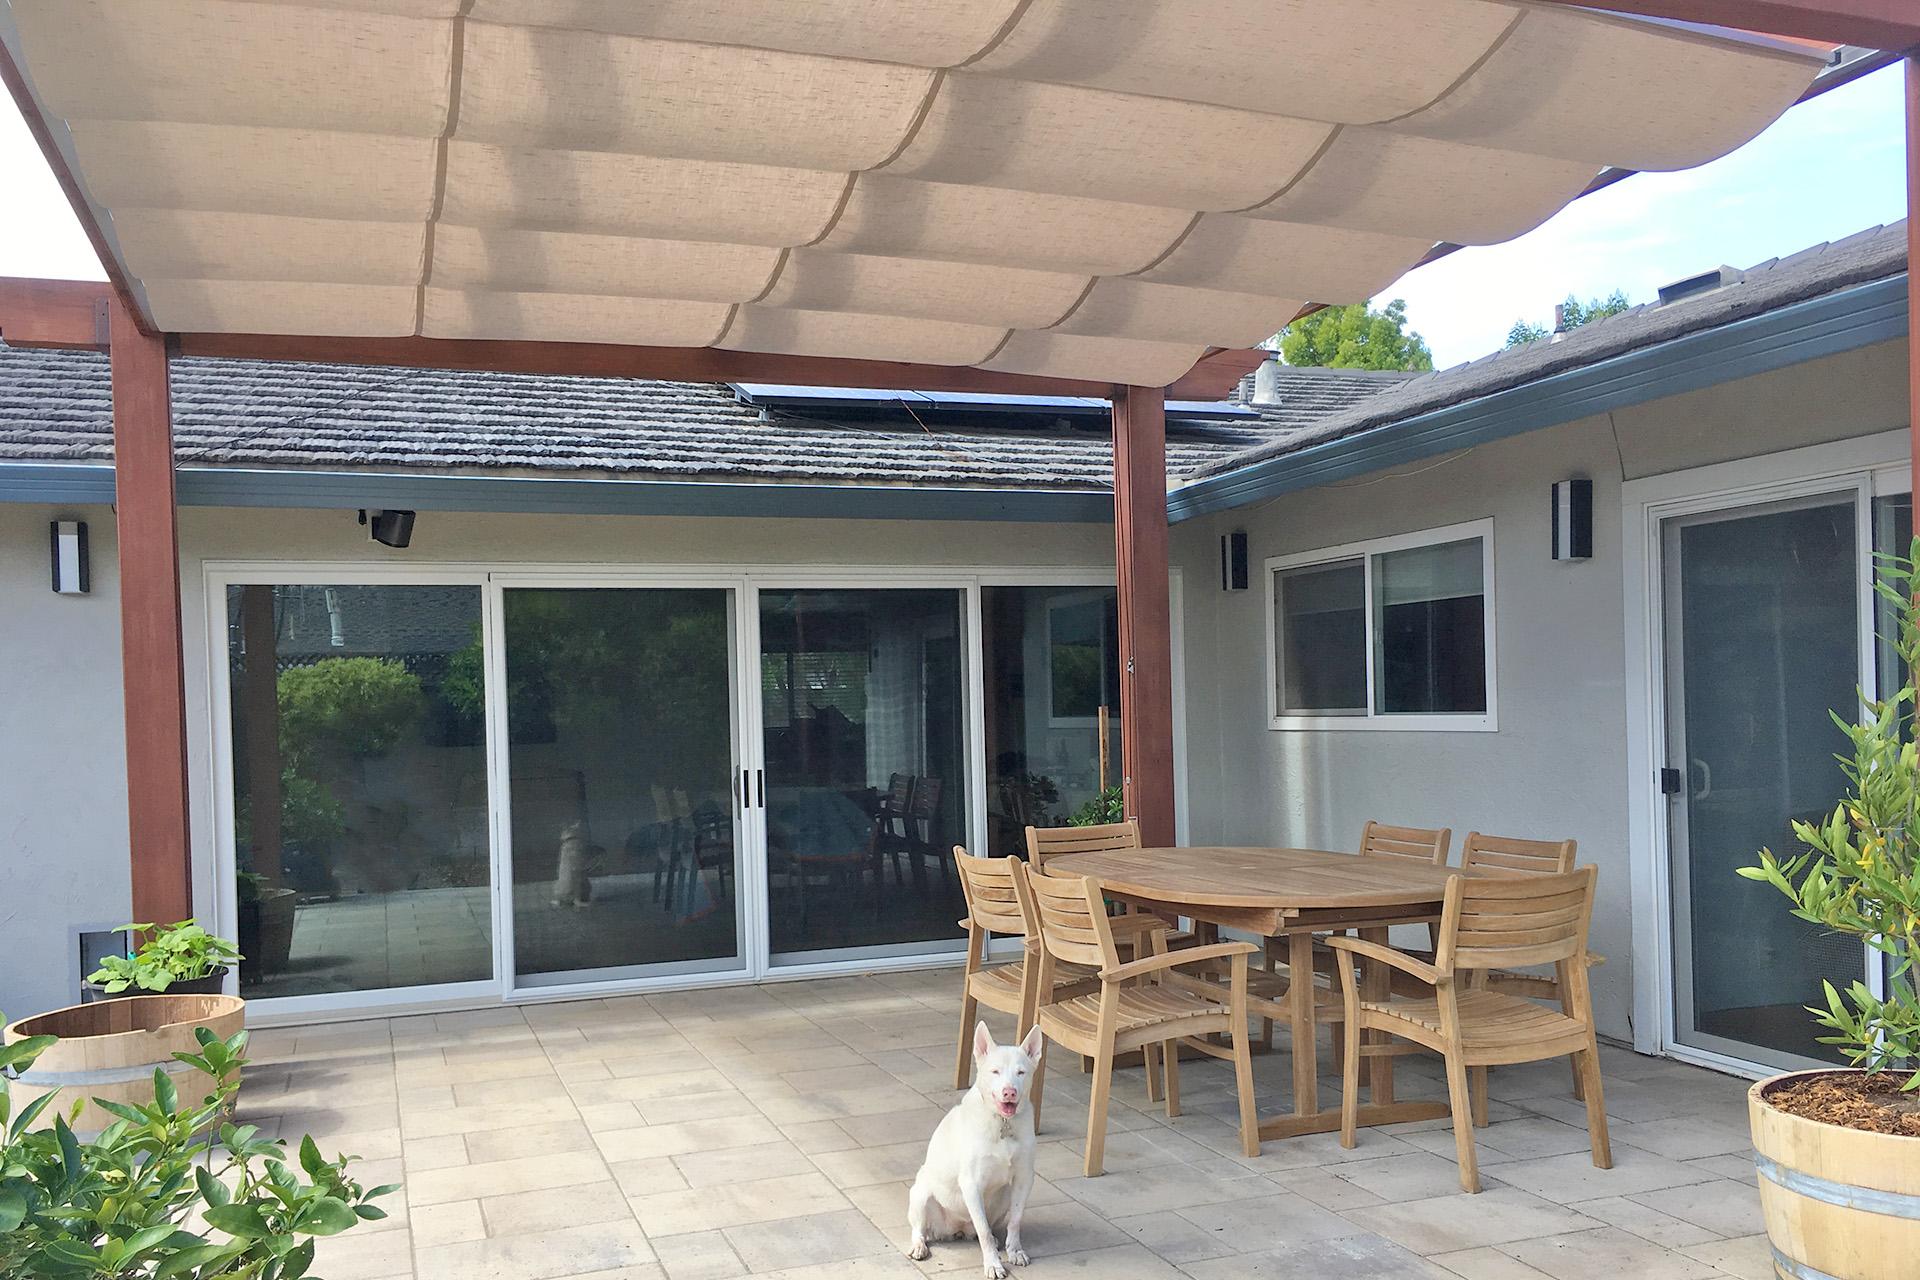 Retractable Canopy, San Jose - ShadeFX